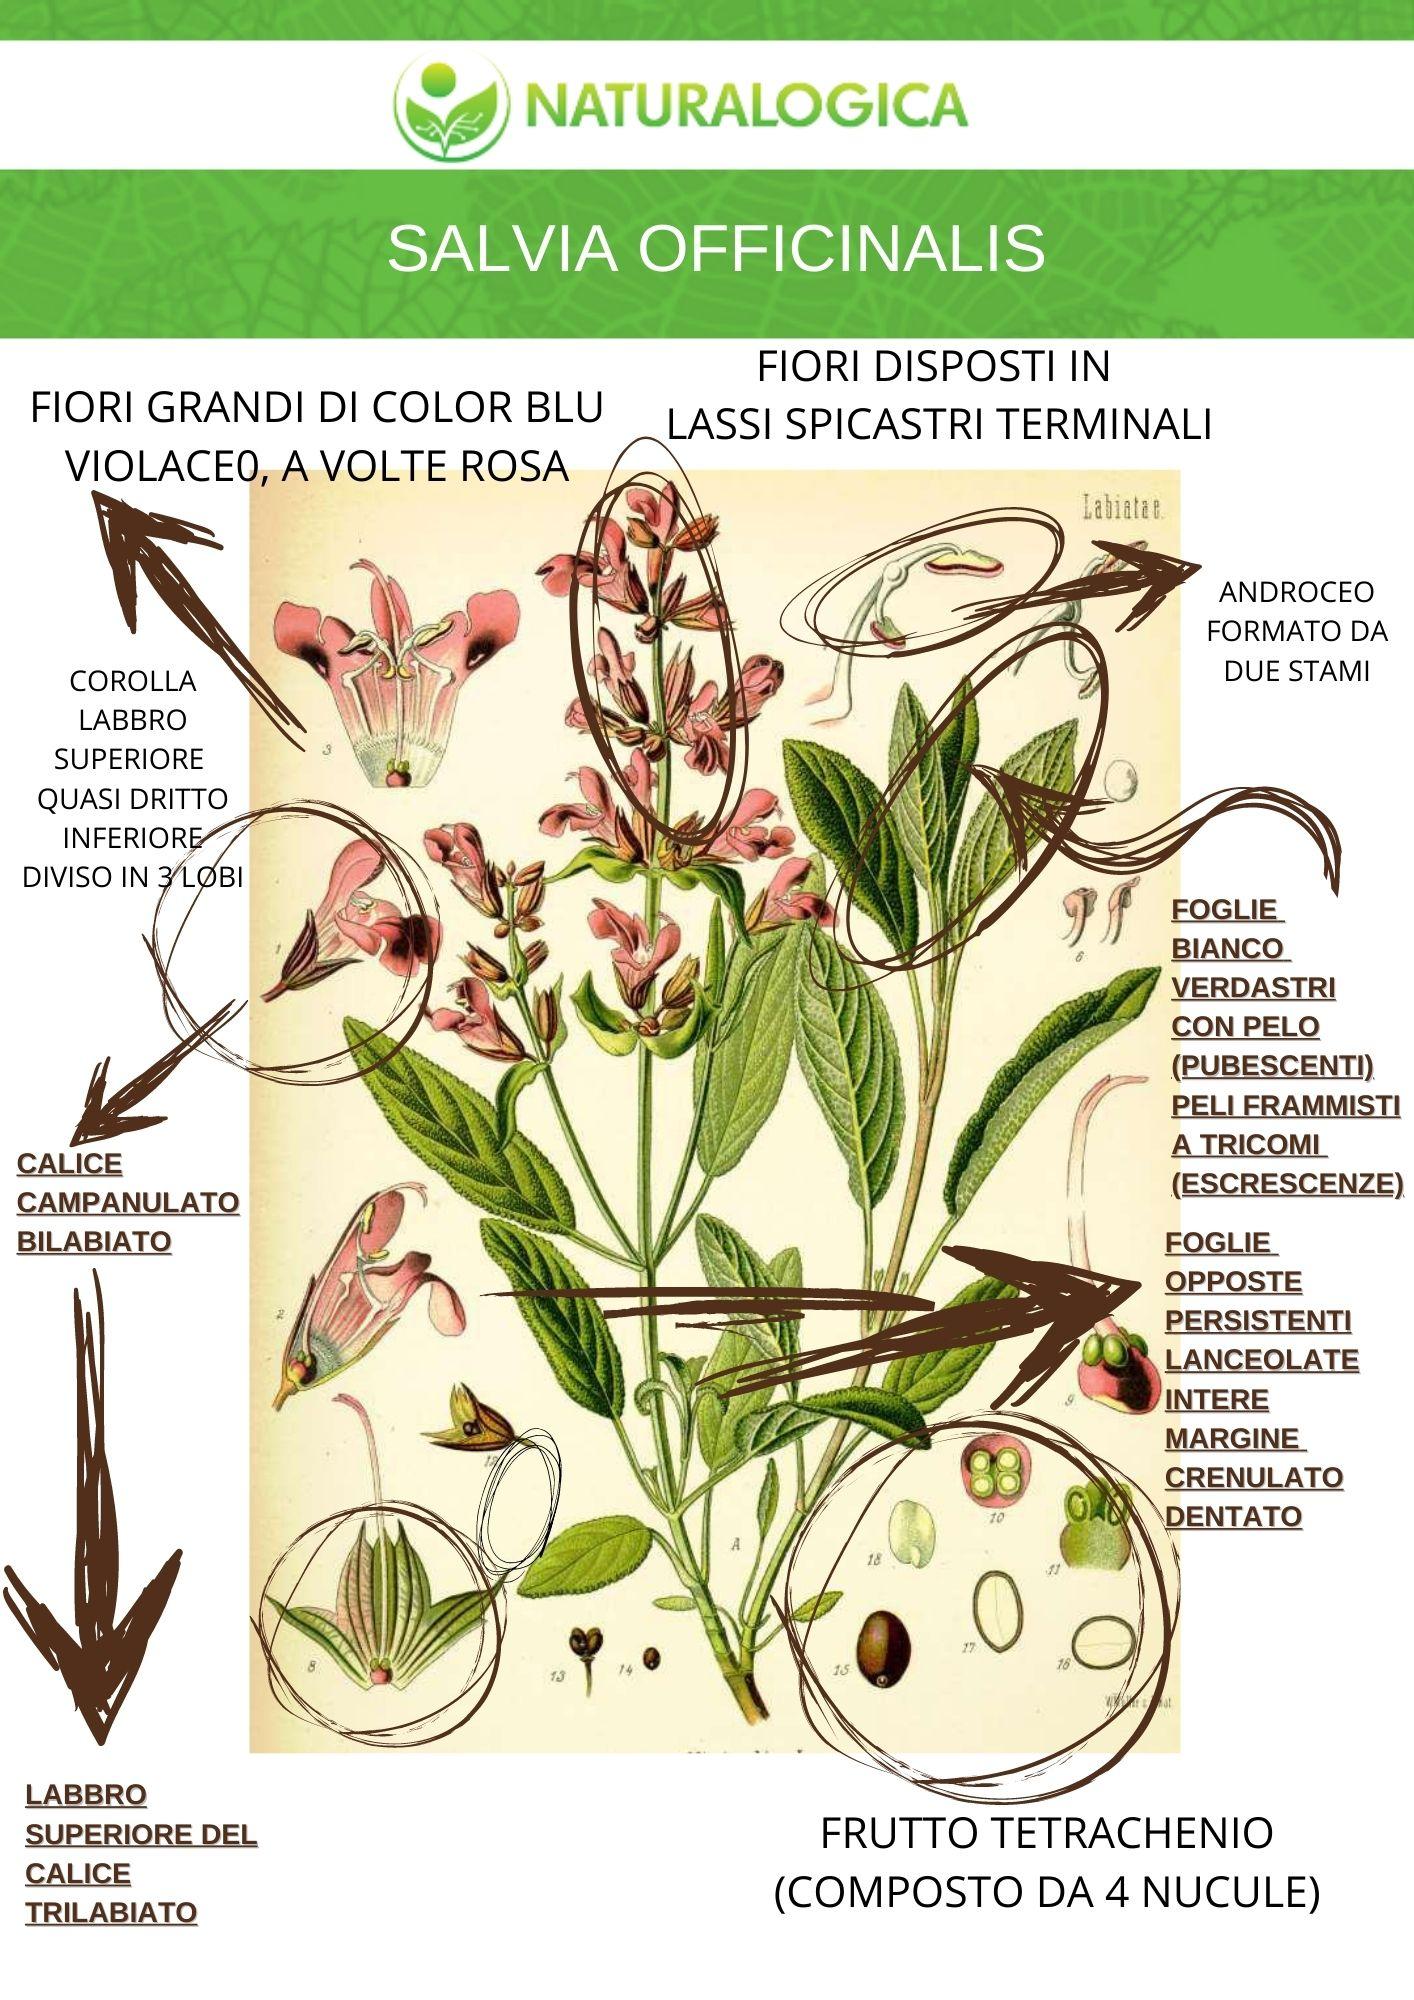 Salvia officinalis proprietà farmaceutiche in foto la scheda botanica